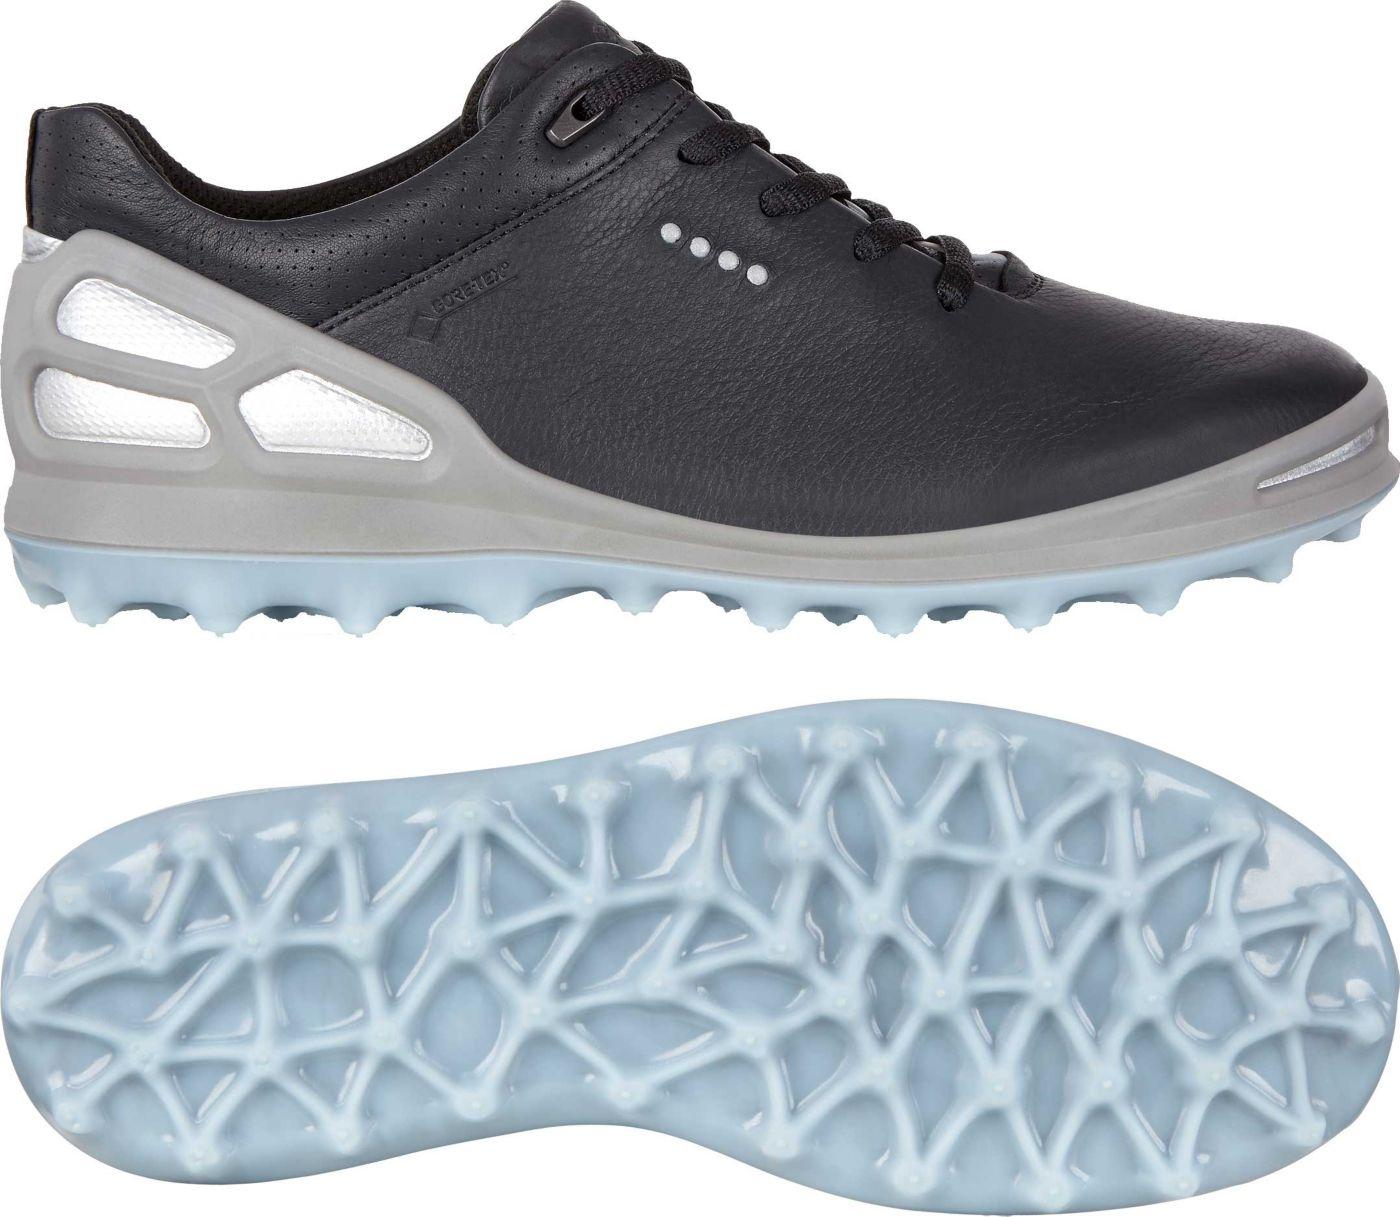 ECCO Women's Cage Pro GTX Shoes